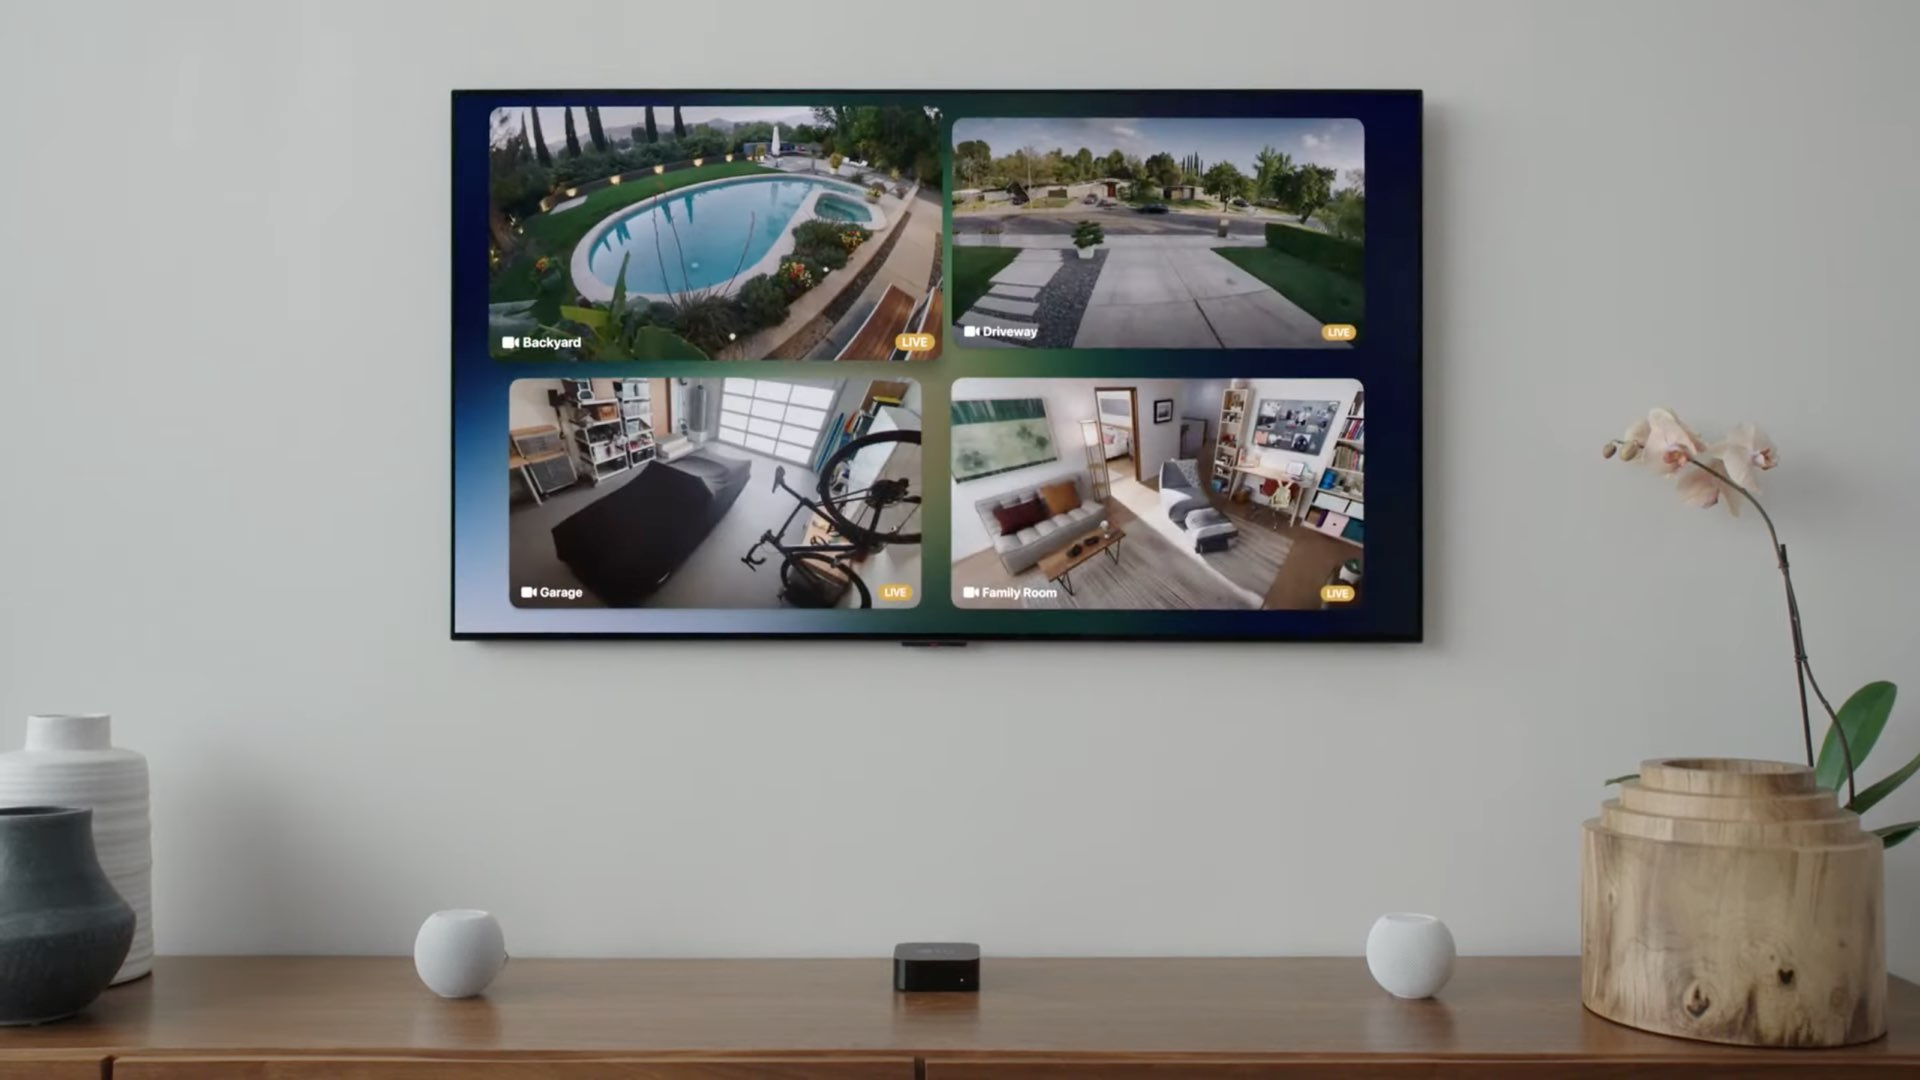 Une image montrant quatre flux vidéo simultanés de caméras de sécurité HomeKit affichés dans une grille 2x2 sur Apple TV avec tvOS 15